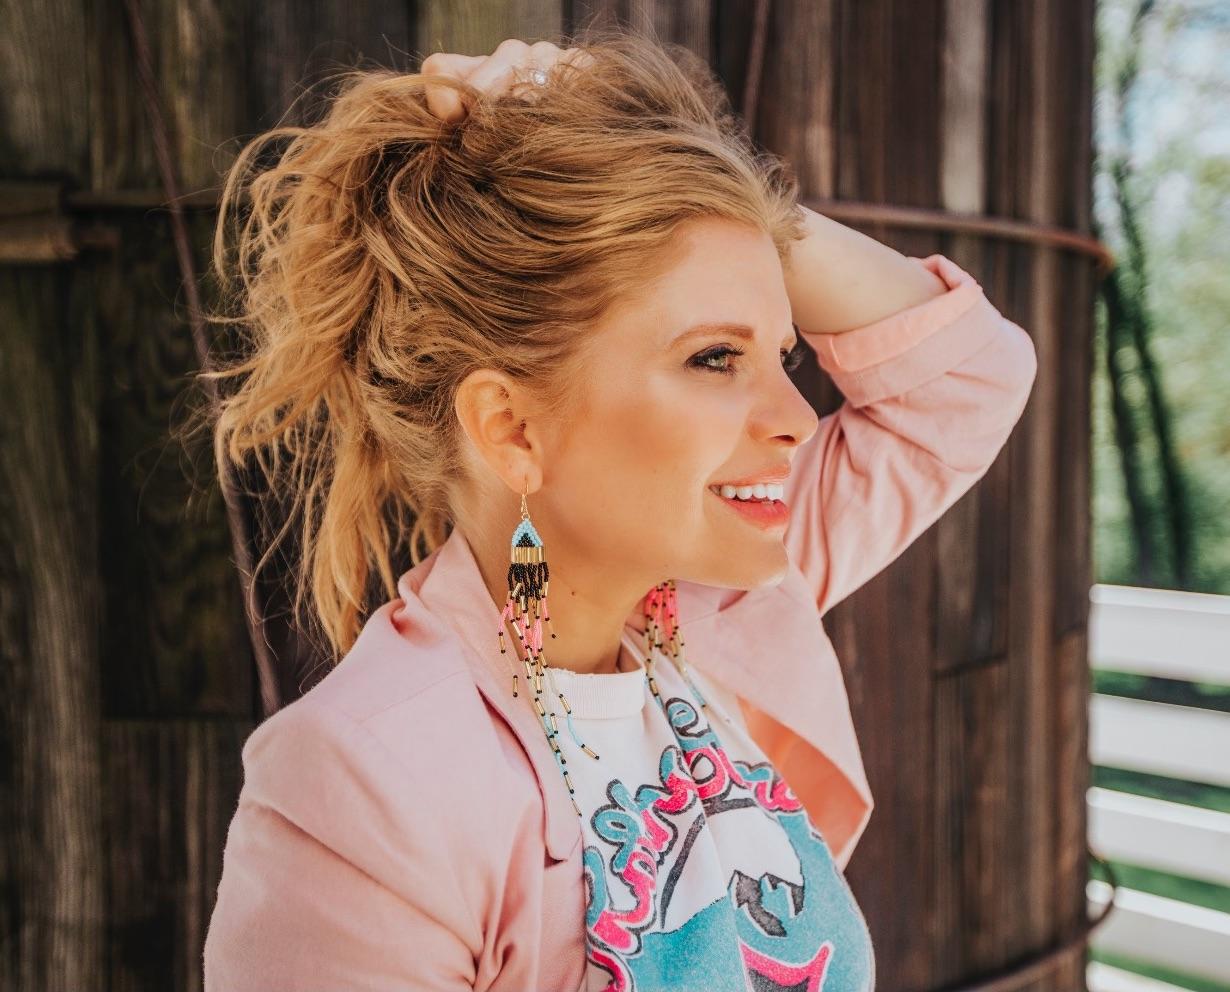 Kaitlyn earring pics .jpg